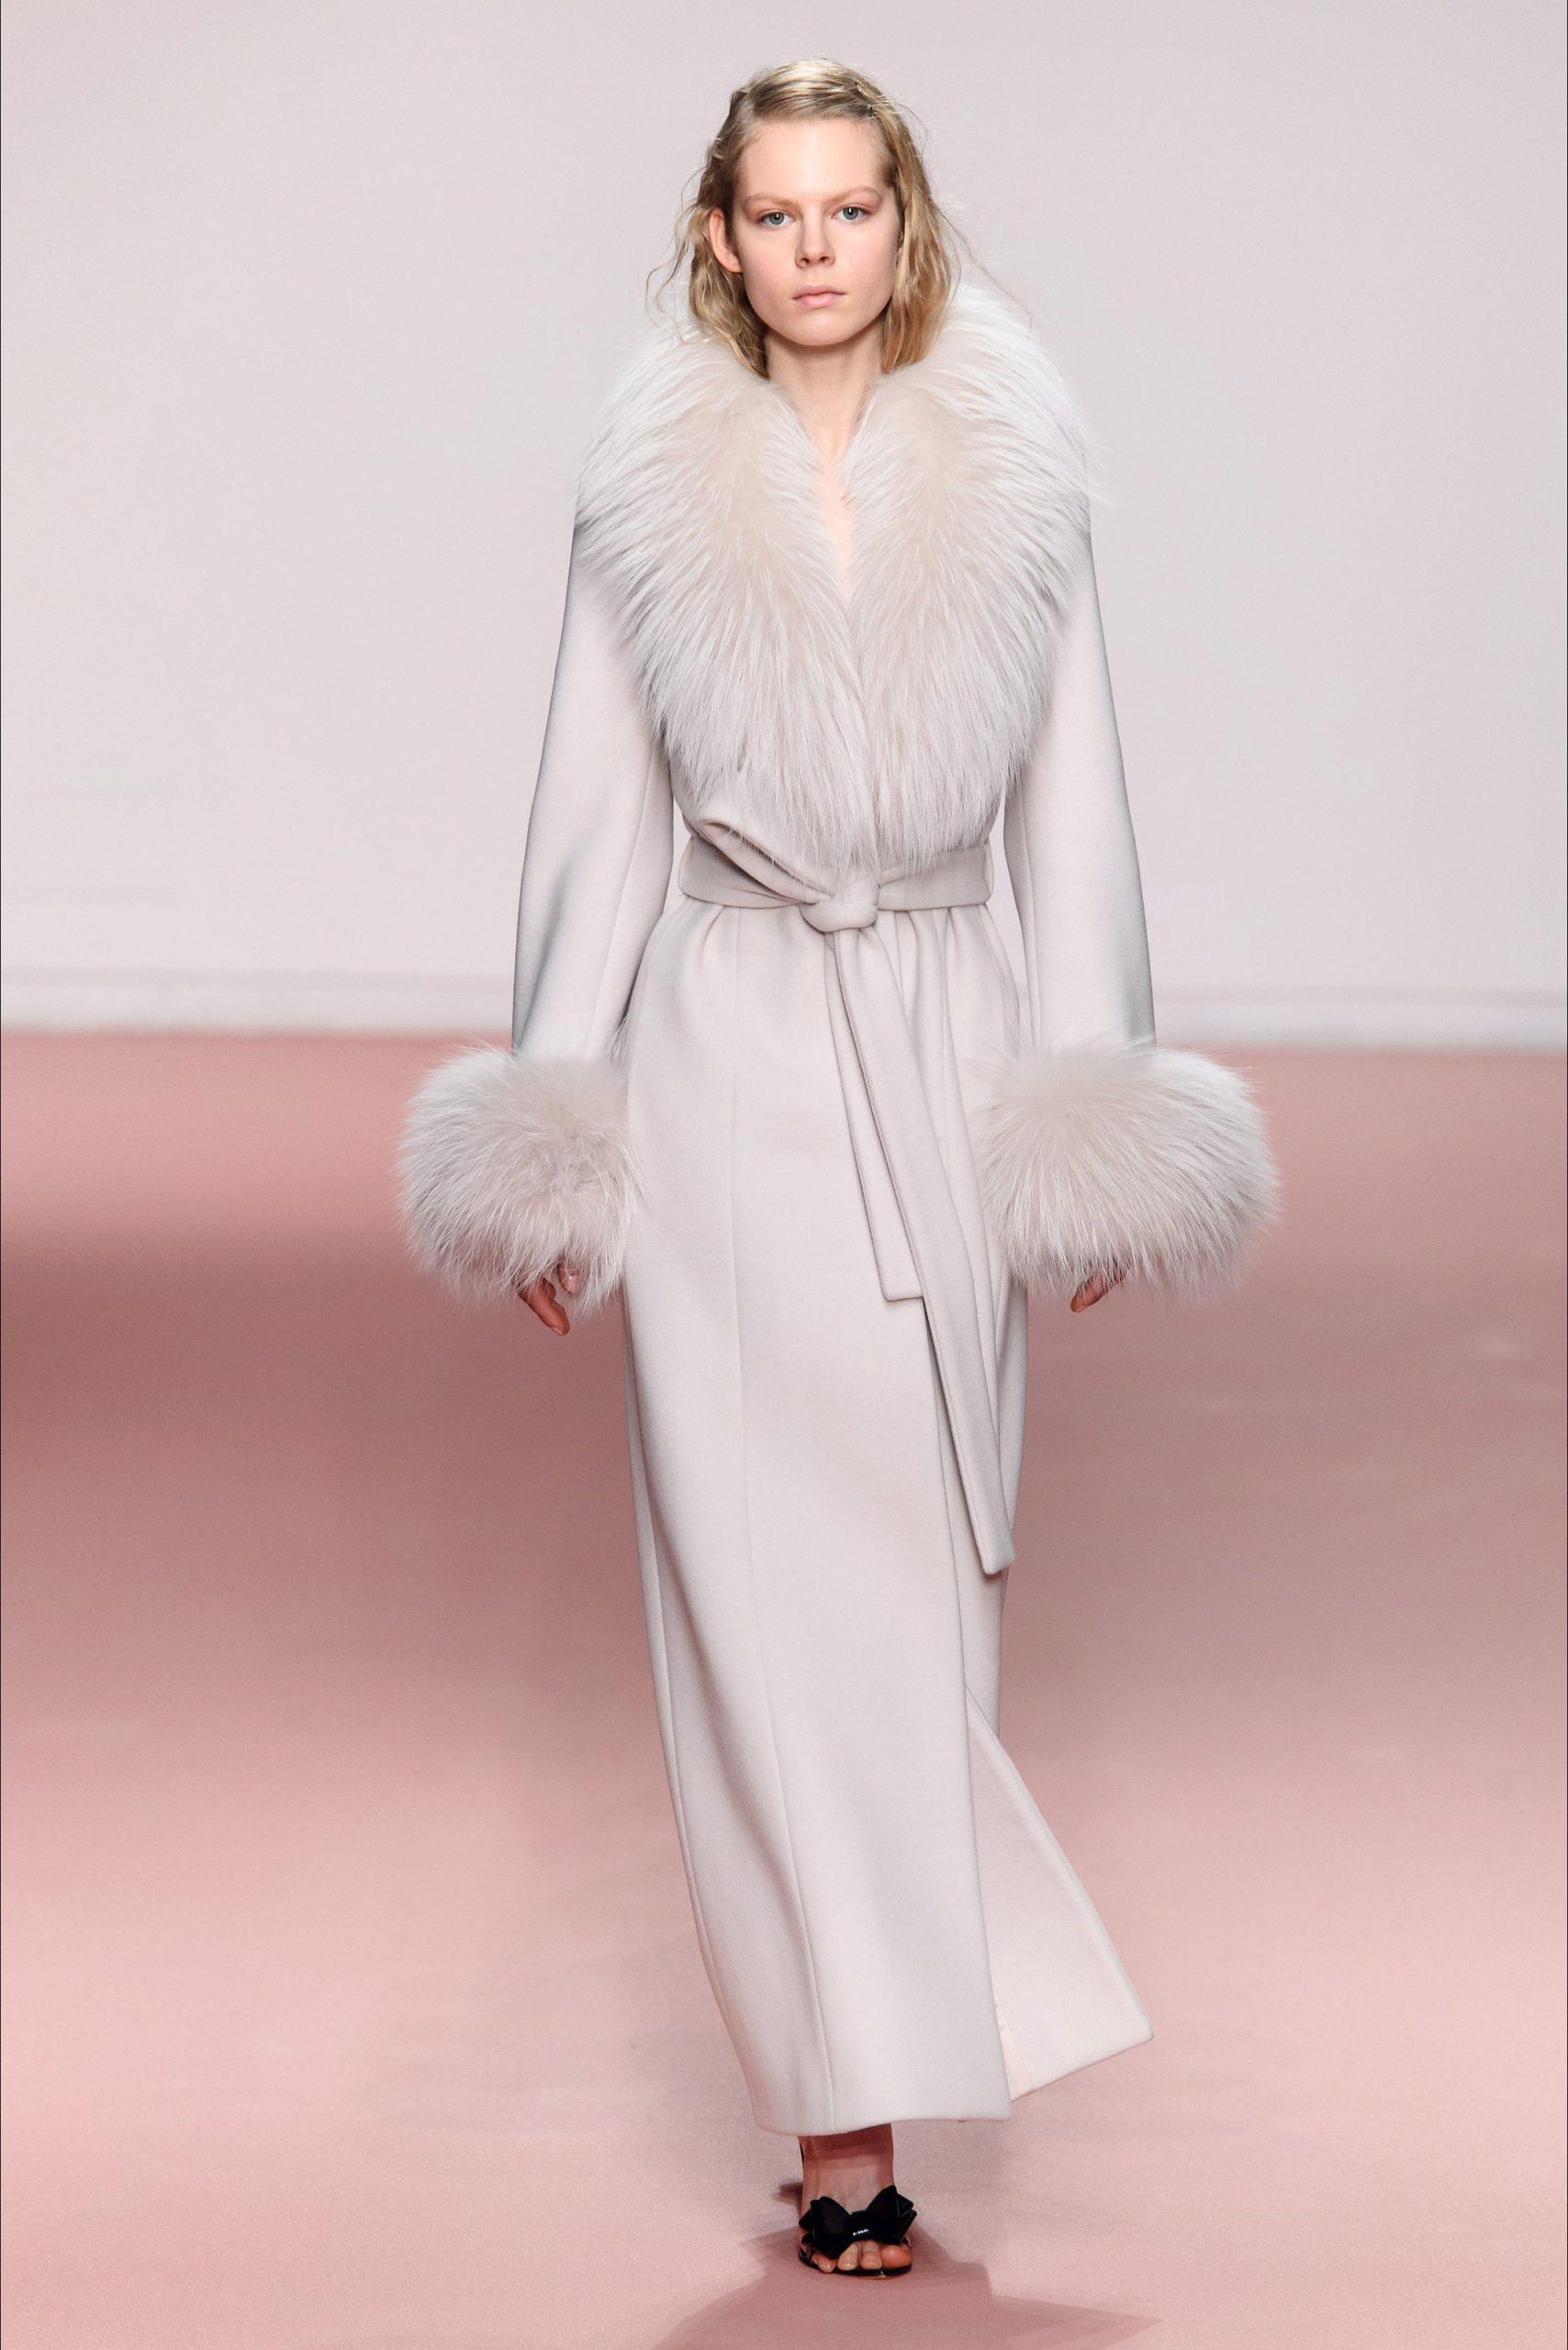 cappotti lunghi 3